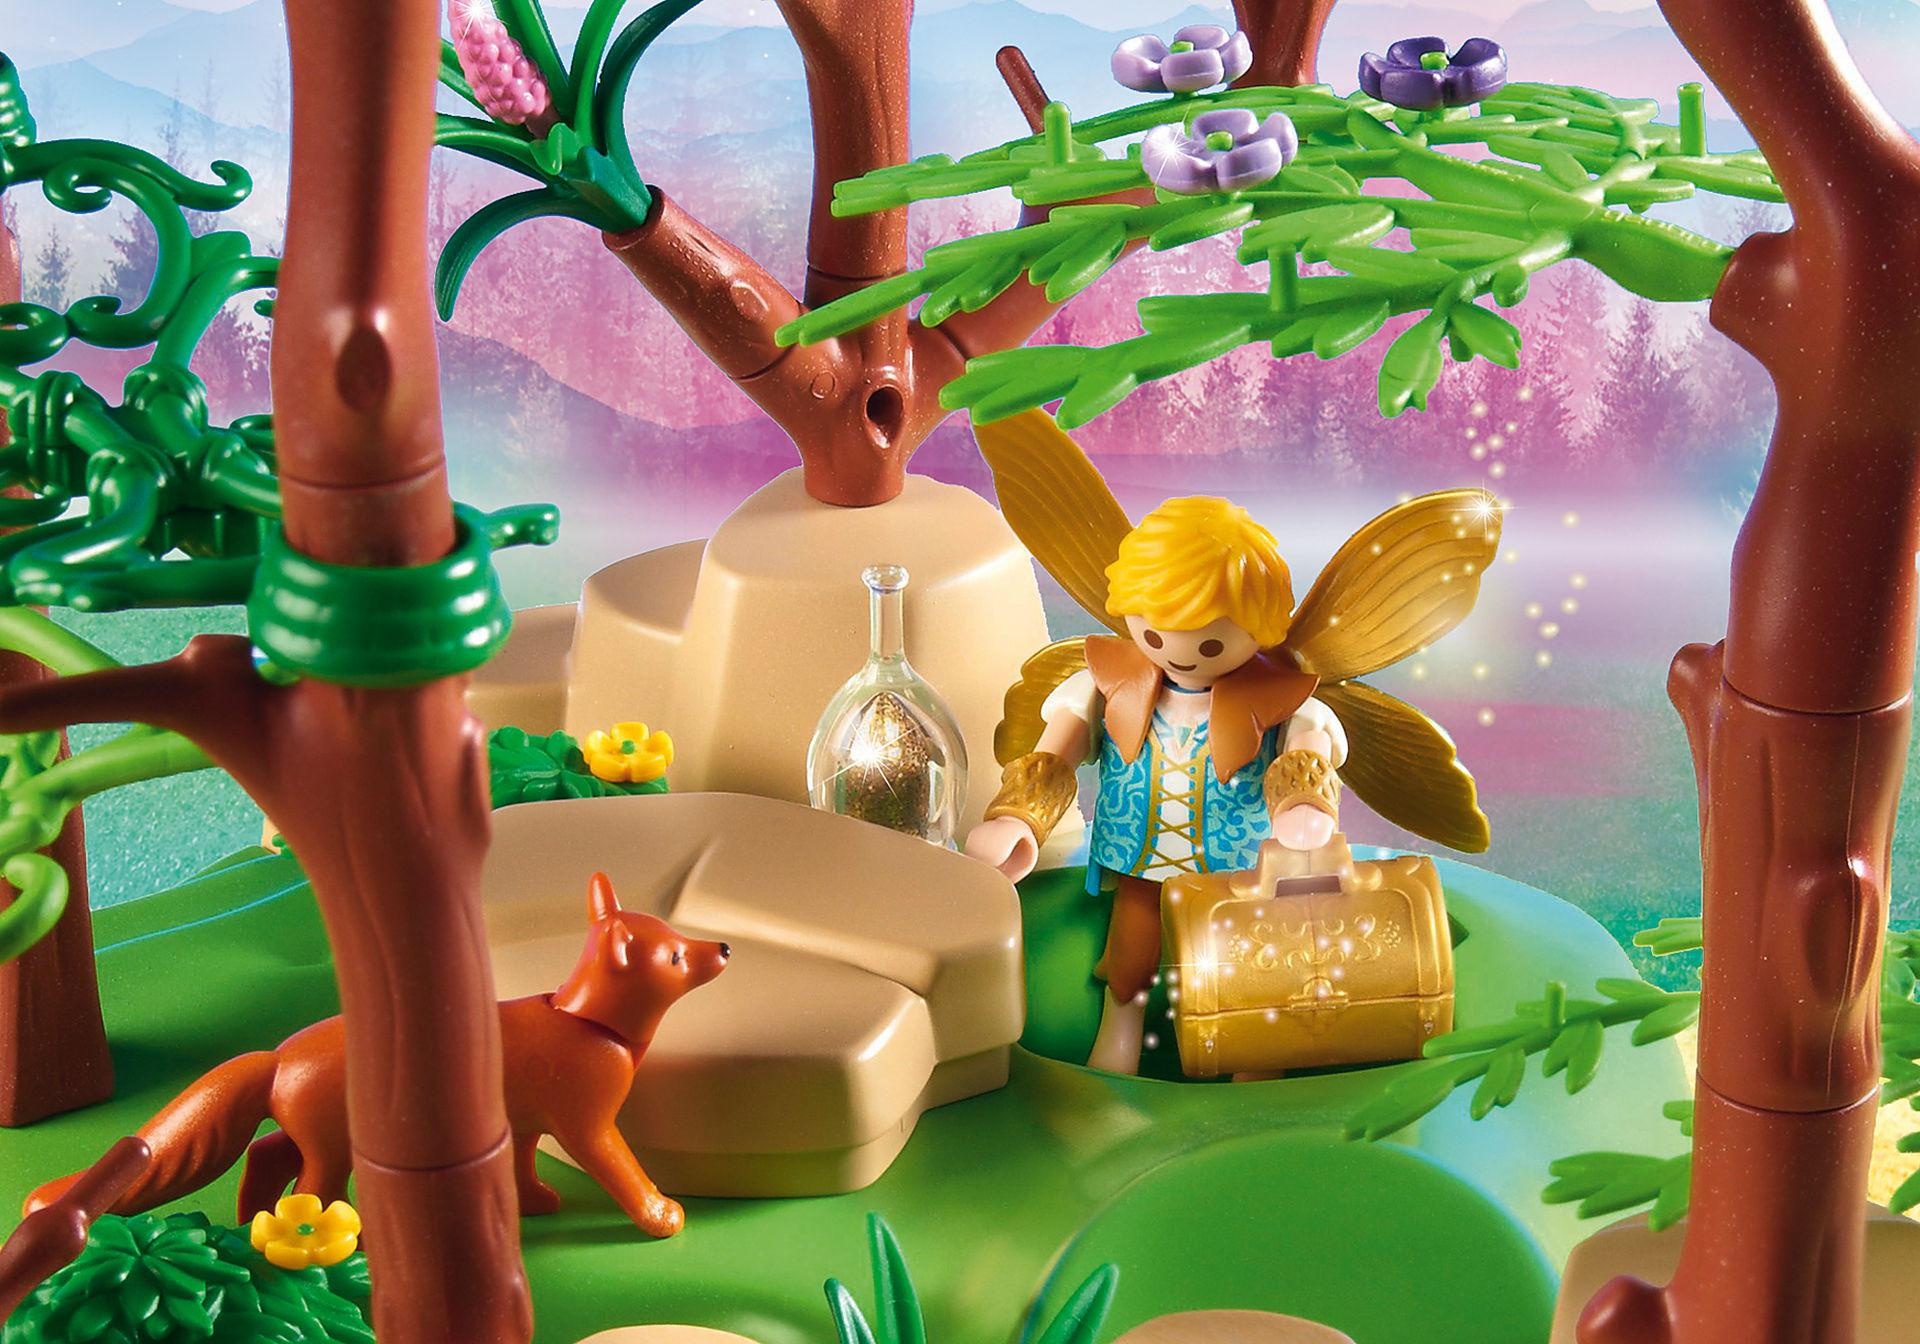 http://media.playmobil.com/i/playmobil/9132_product_extra2/Bosque Mágico de las Hadas